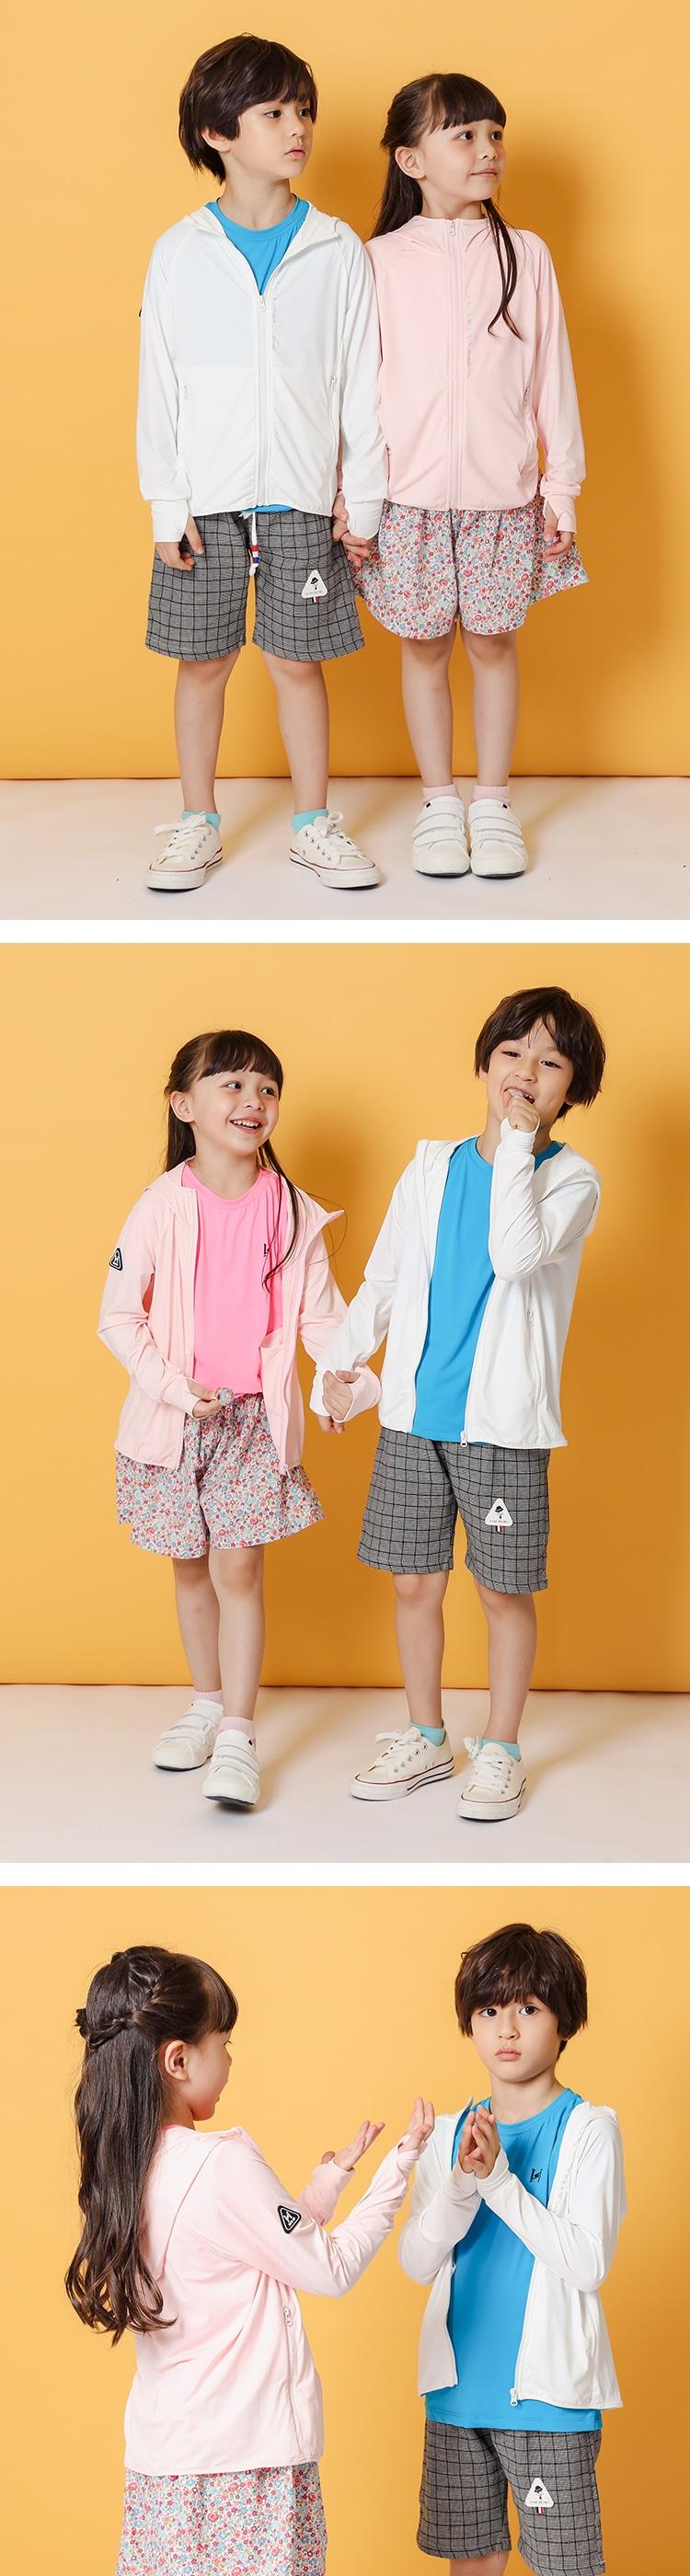 【童】急凍衣 極度防曬透氣涼感外套